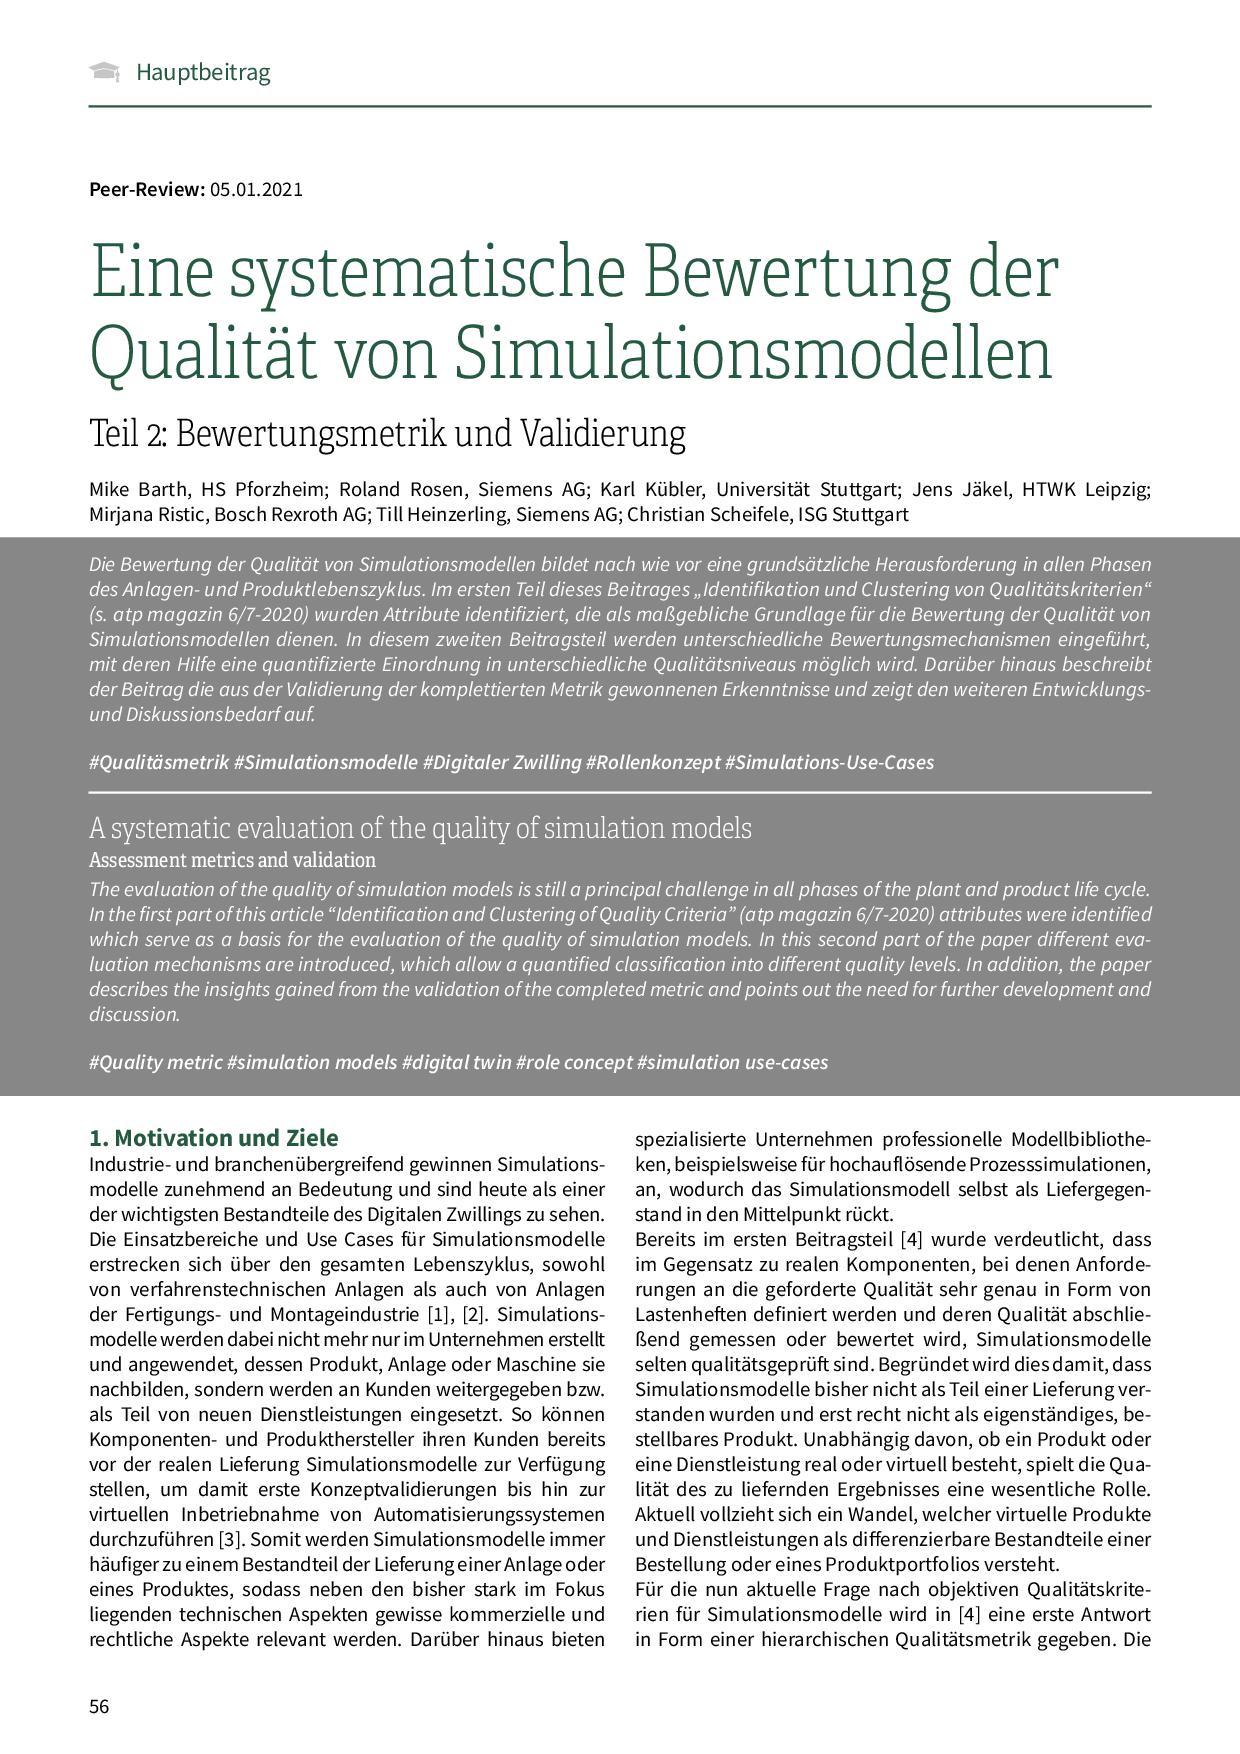 Eine systematische Bewertung der Qualität von Simulationsmodellen